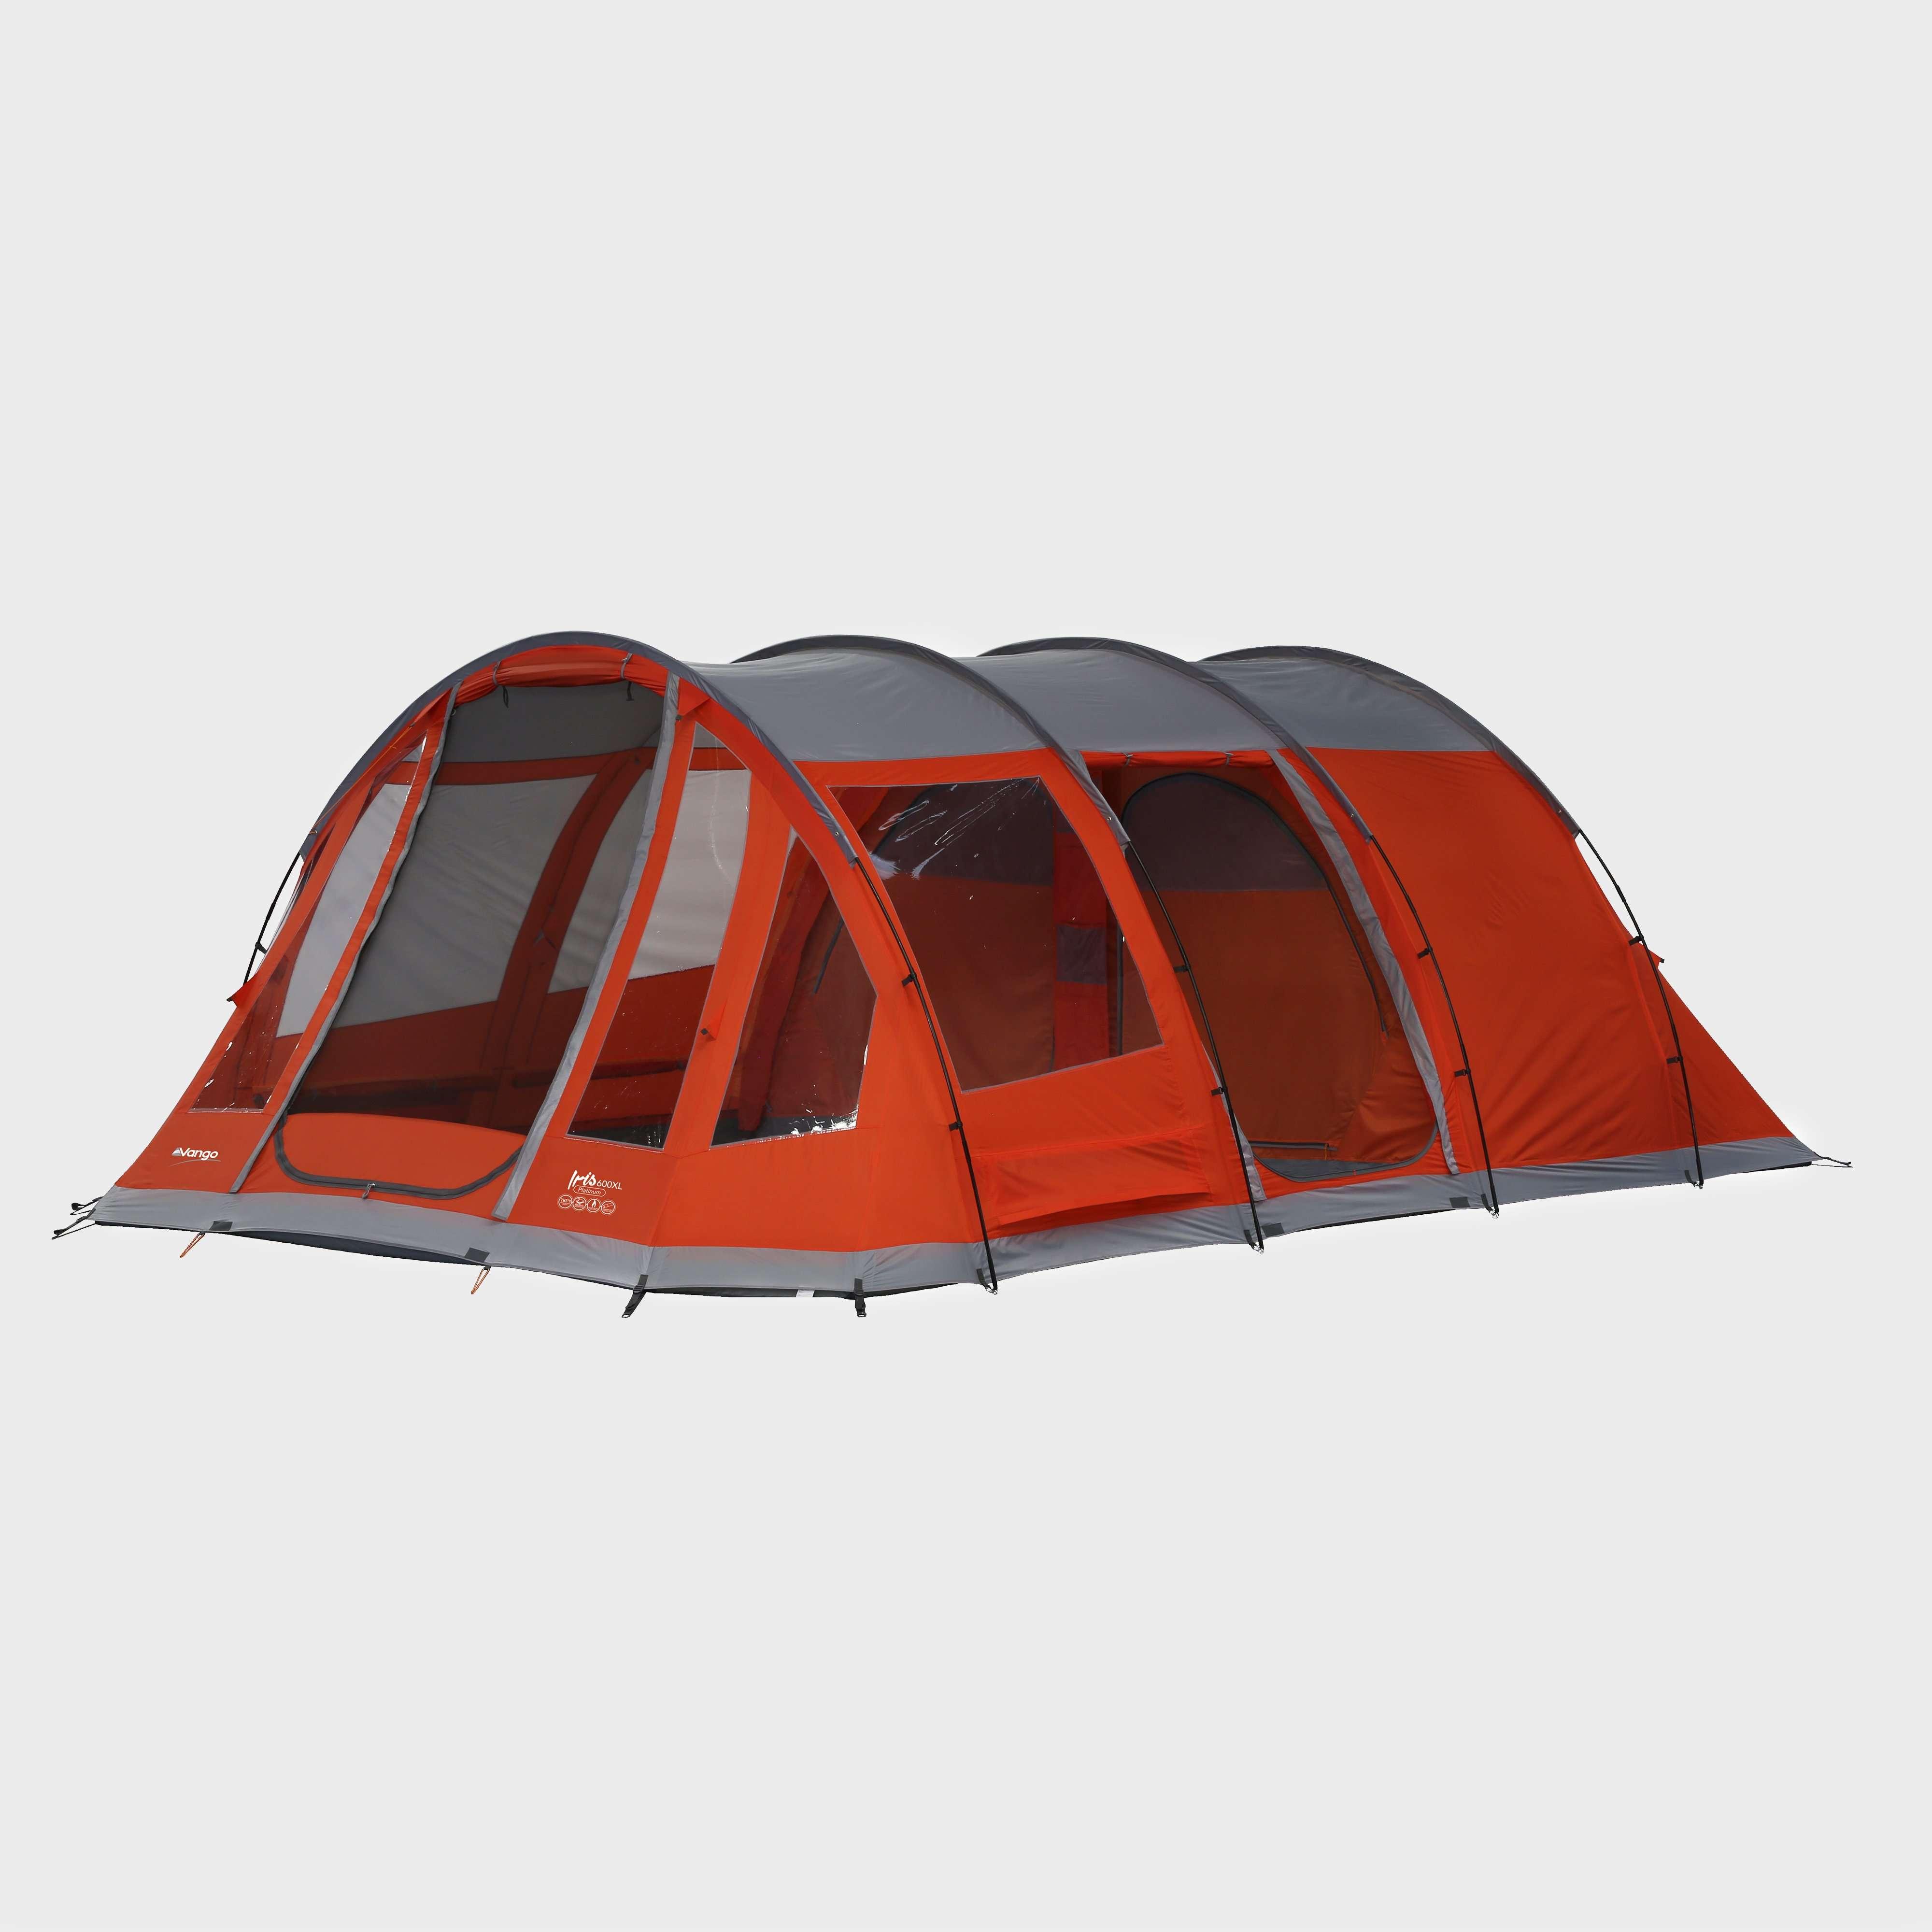 VANGO Iris 600 XL Family Tent